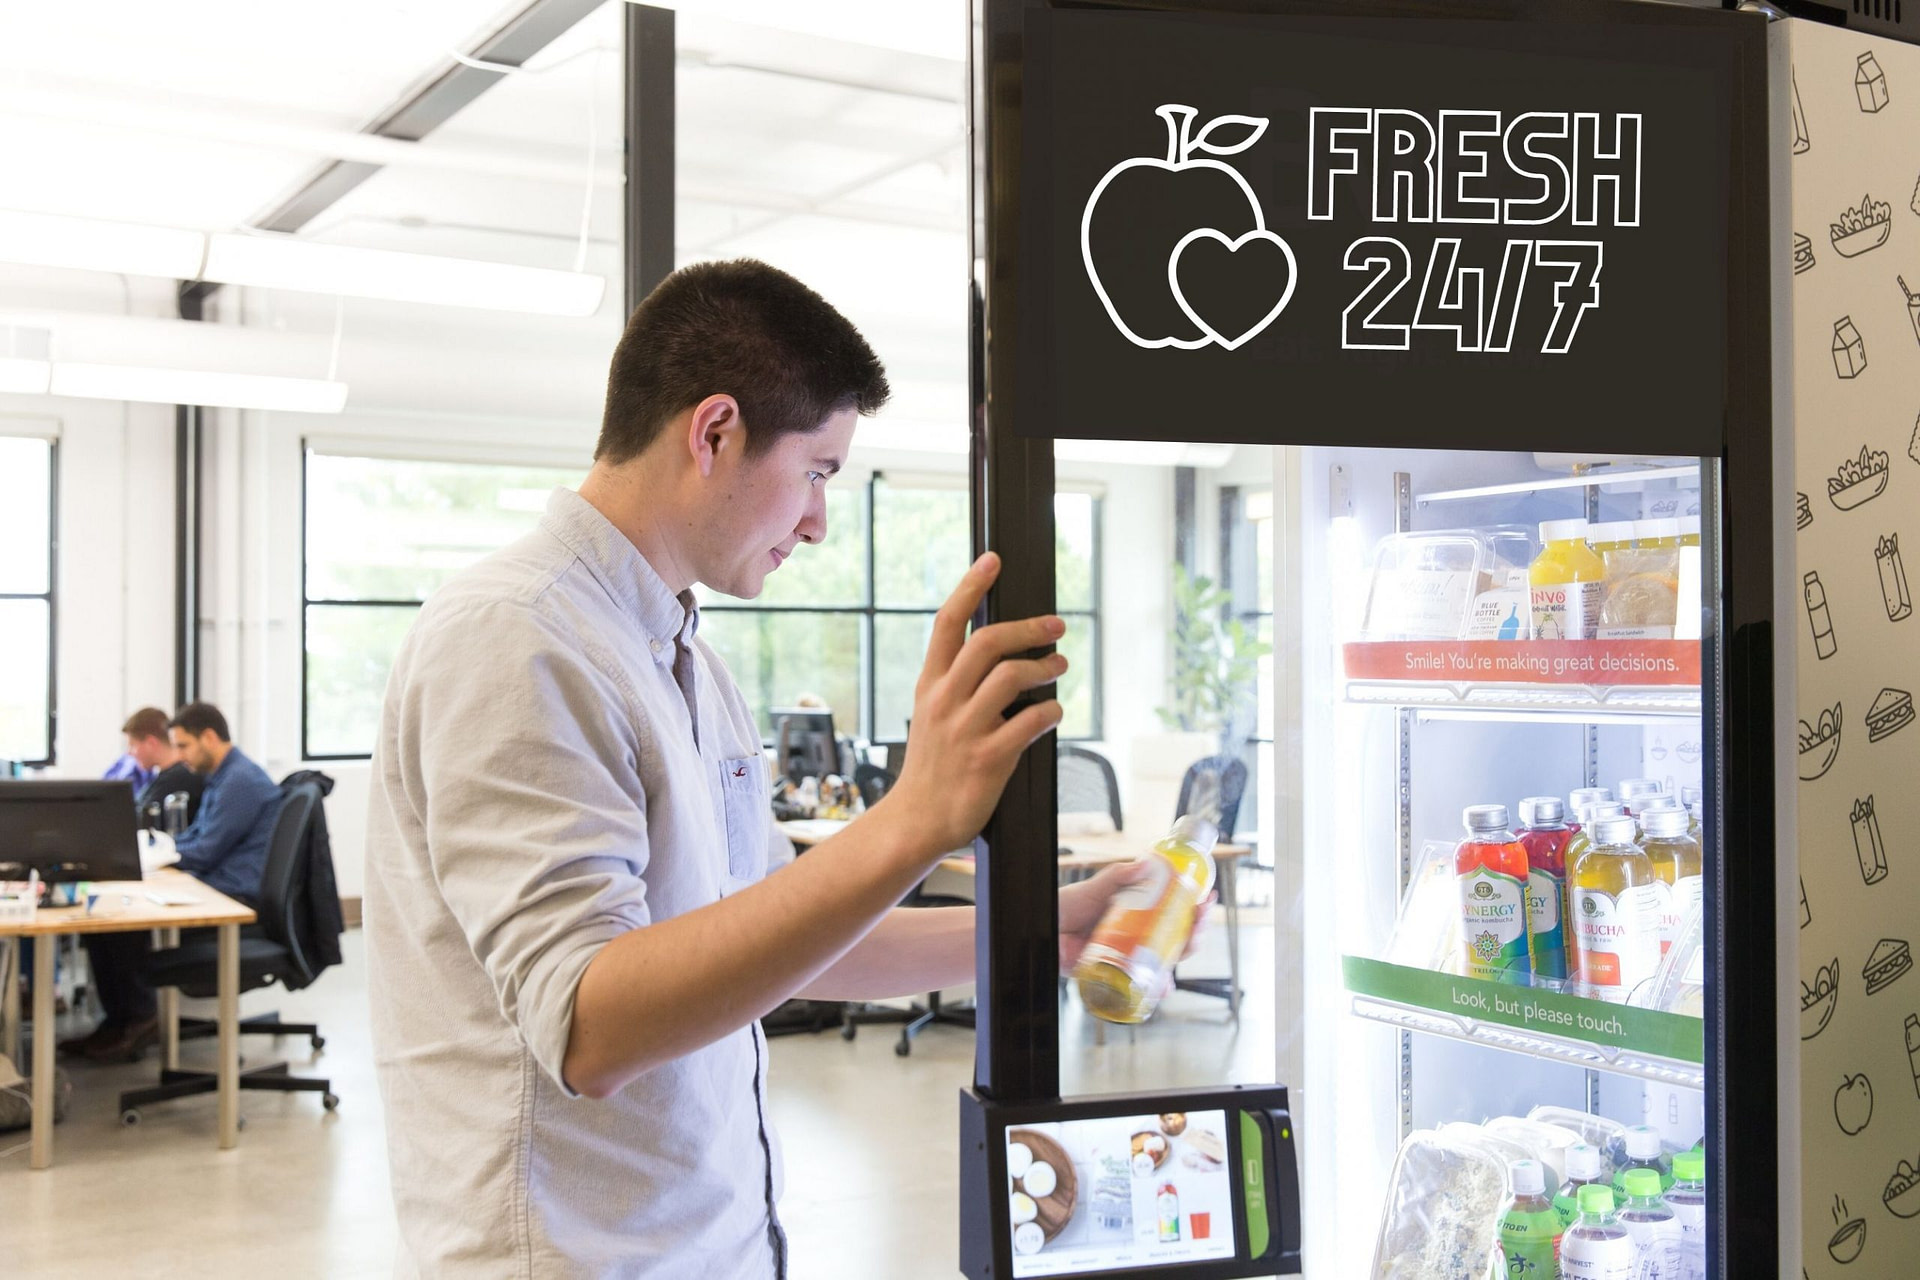 kiosk open door (2)